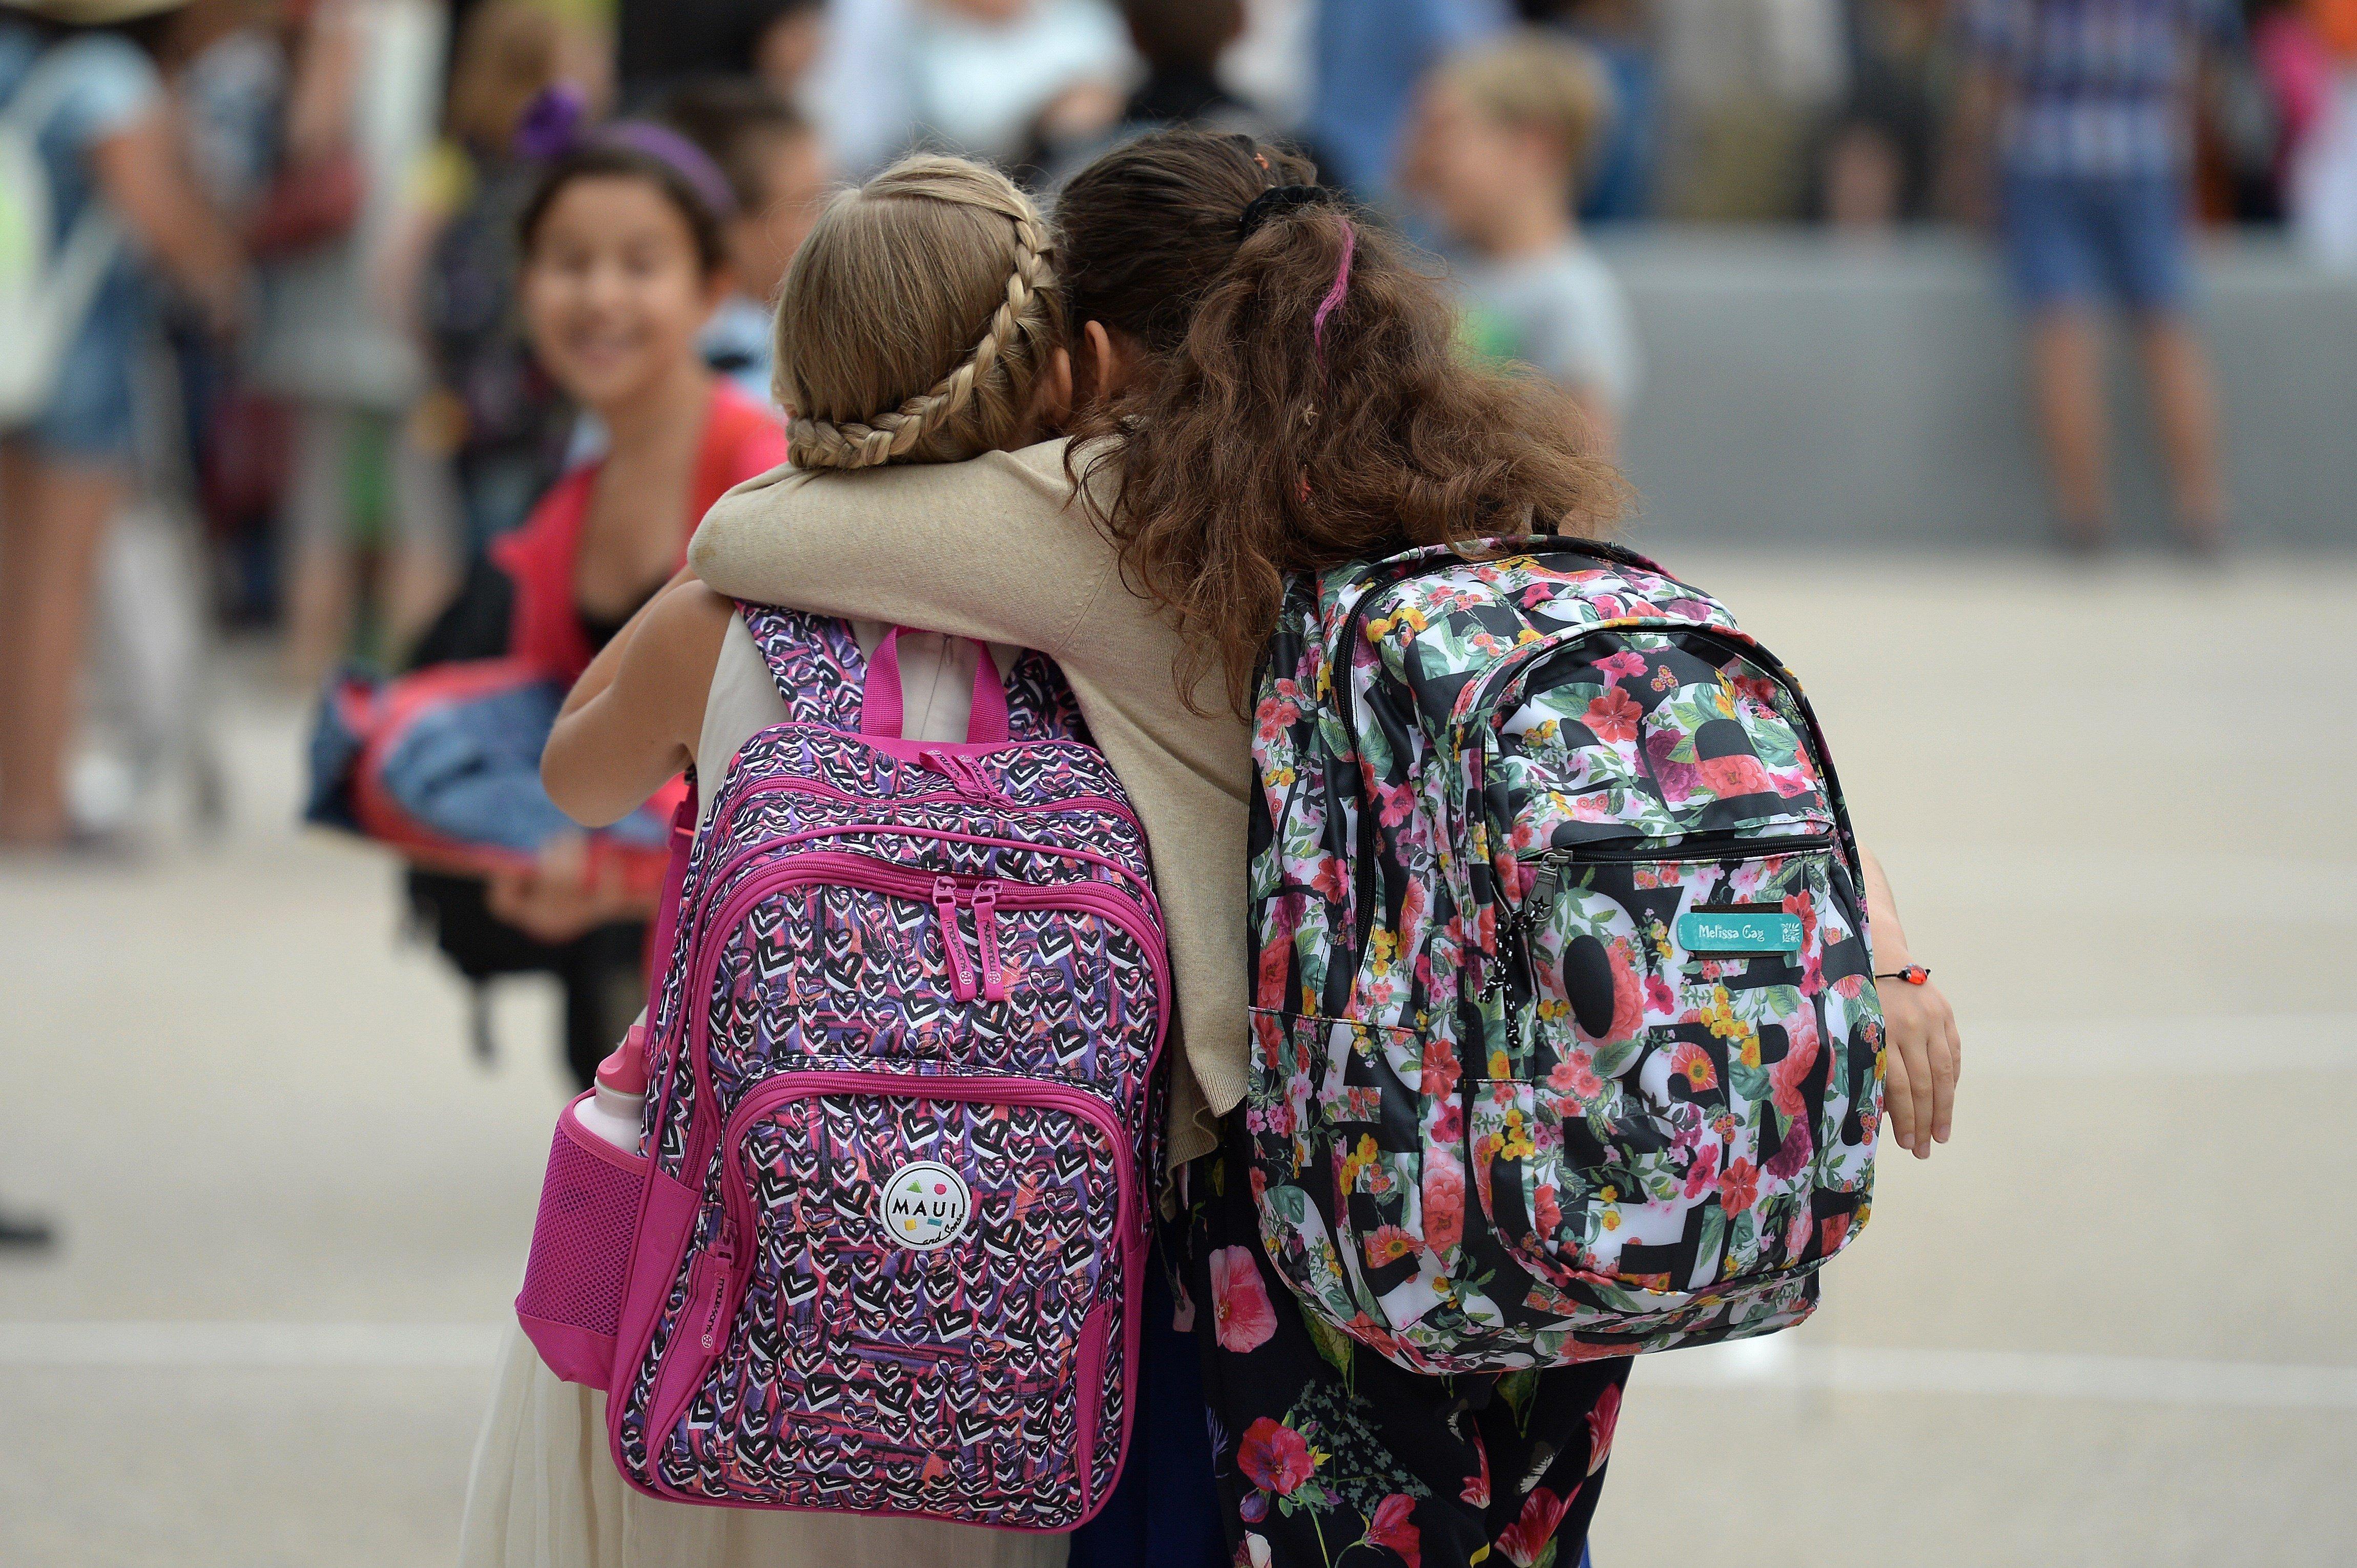 Μία Παρασκευή τον μήνα, η τσάντα των μαθητών Δημοτικού θα μένει στο